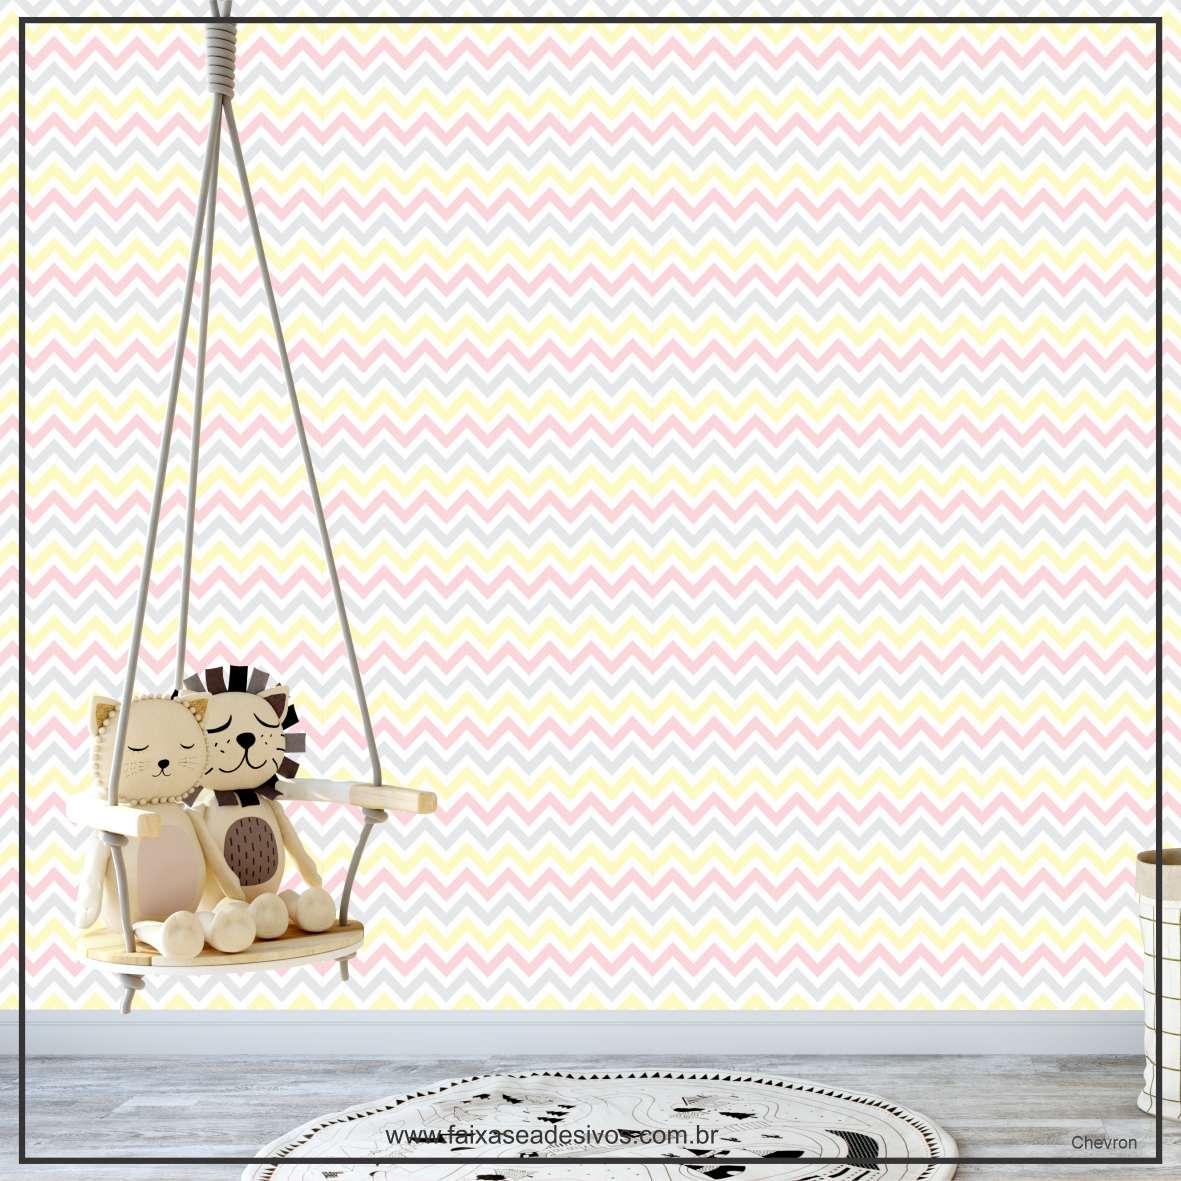 008 - Adesivo Decorativo de parede Chevron Amarelo e cinza - 58cm larg  - Fac Signs